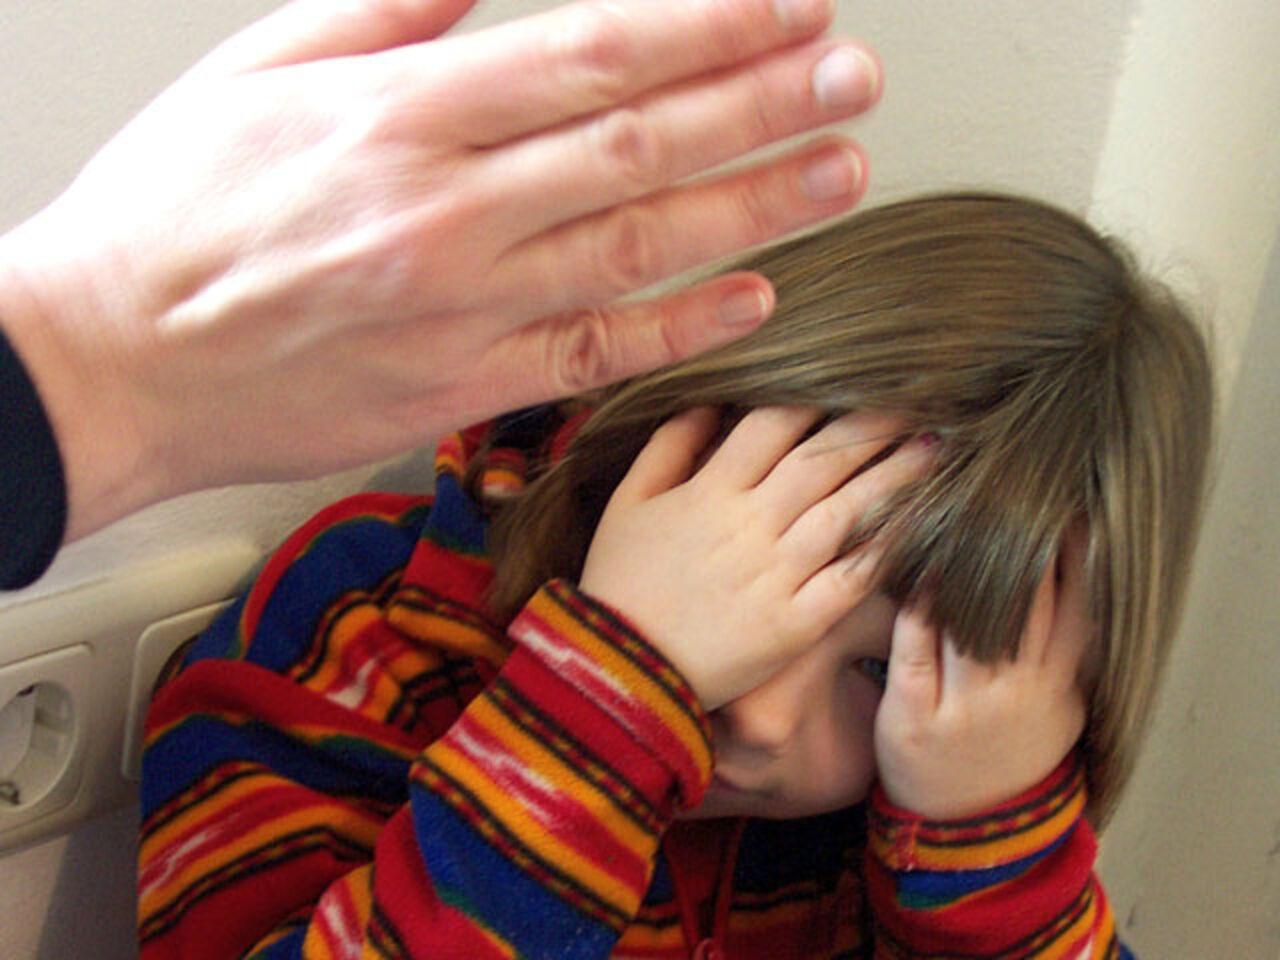 Секс издевательства над девочкой игра 15 фотография